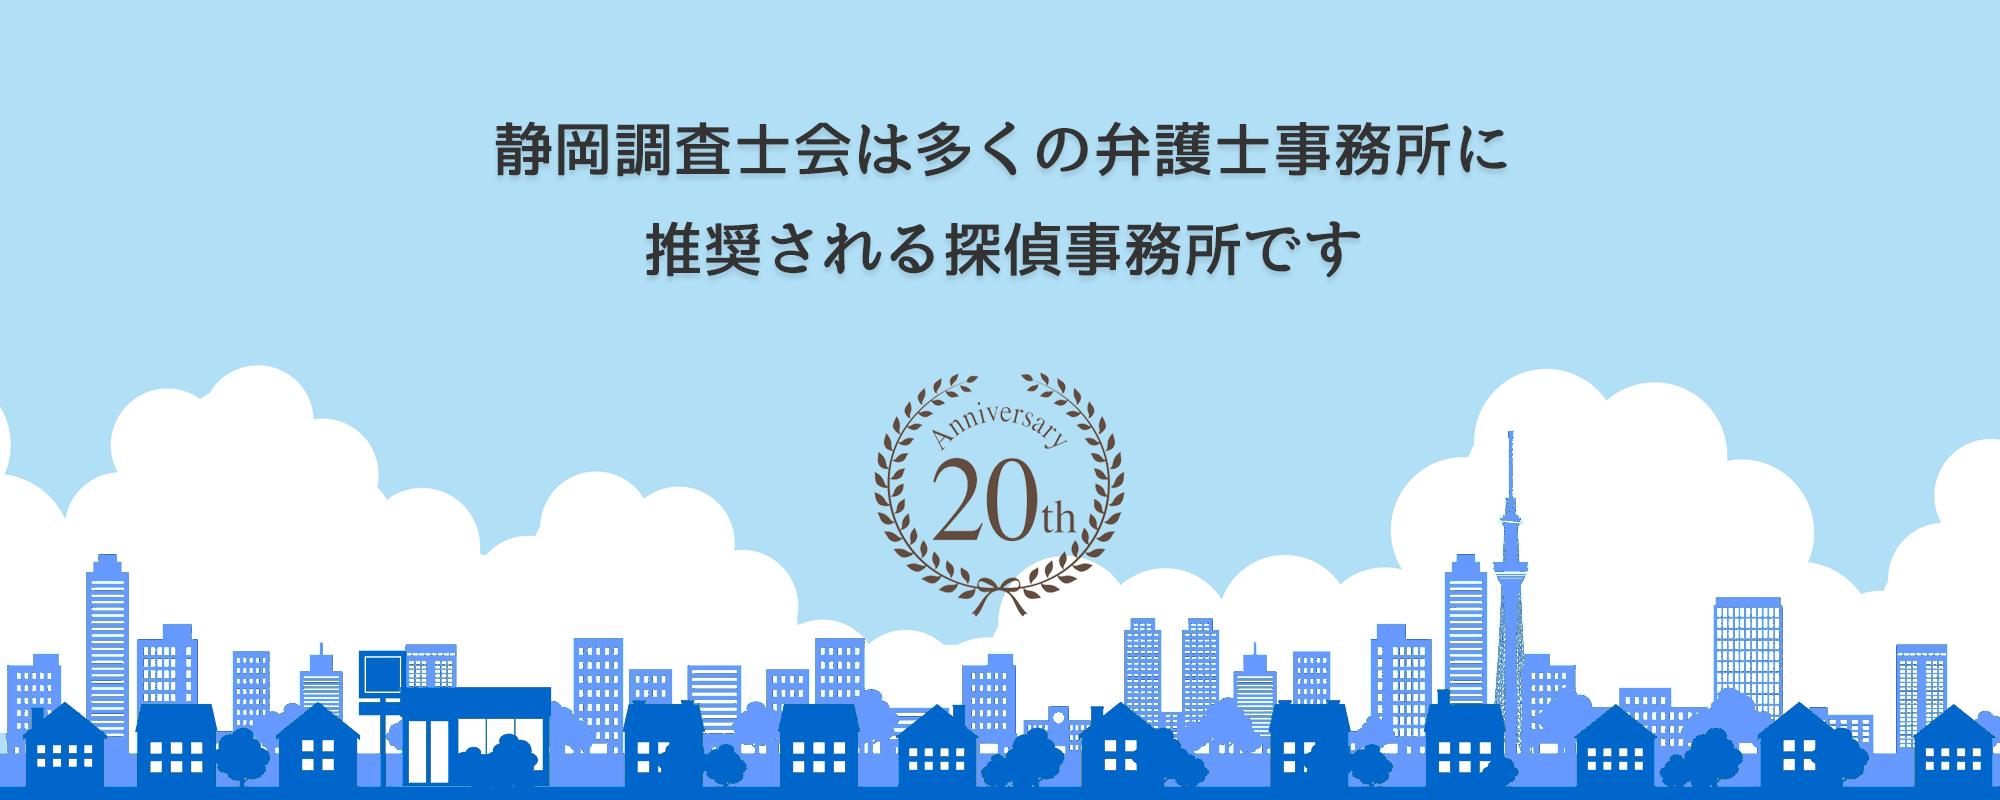 静岡相談室は多くの弁護士事務所に推奨されています。